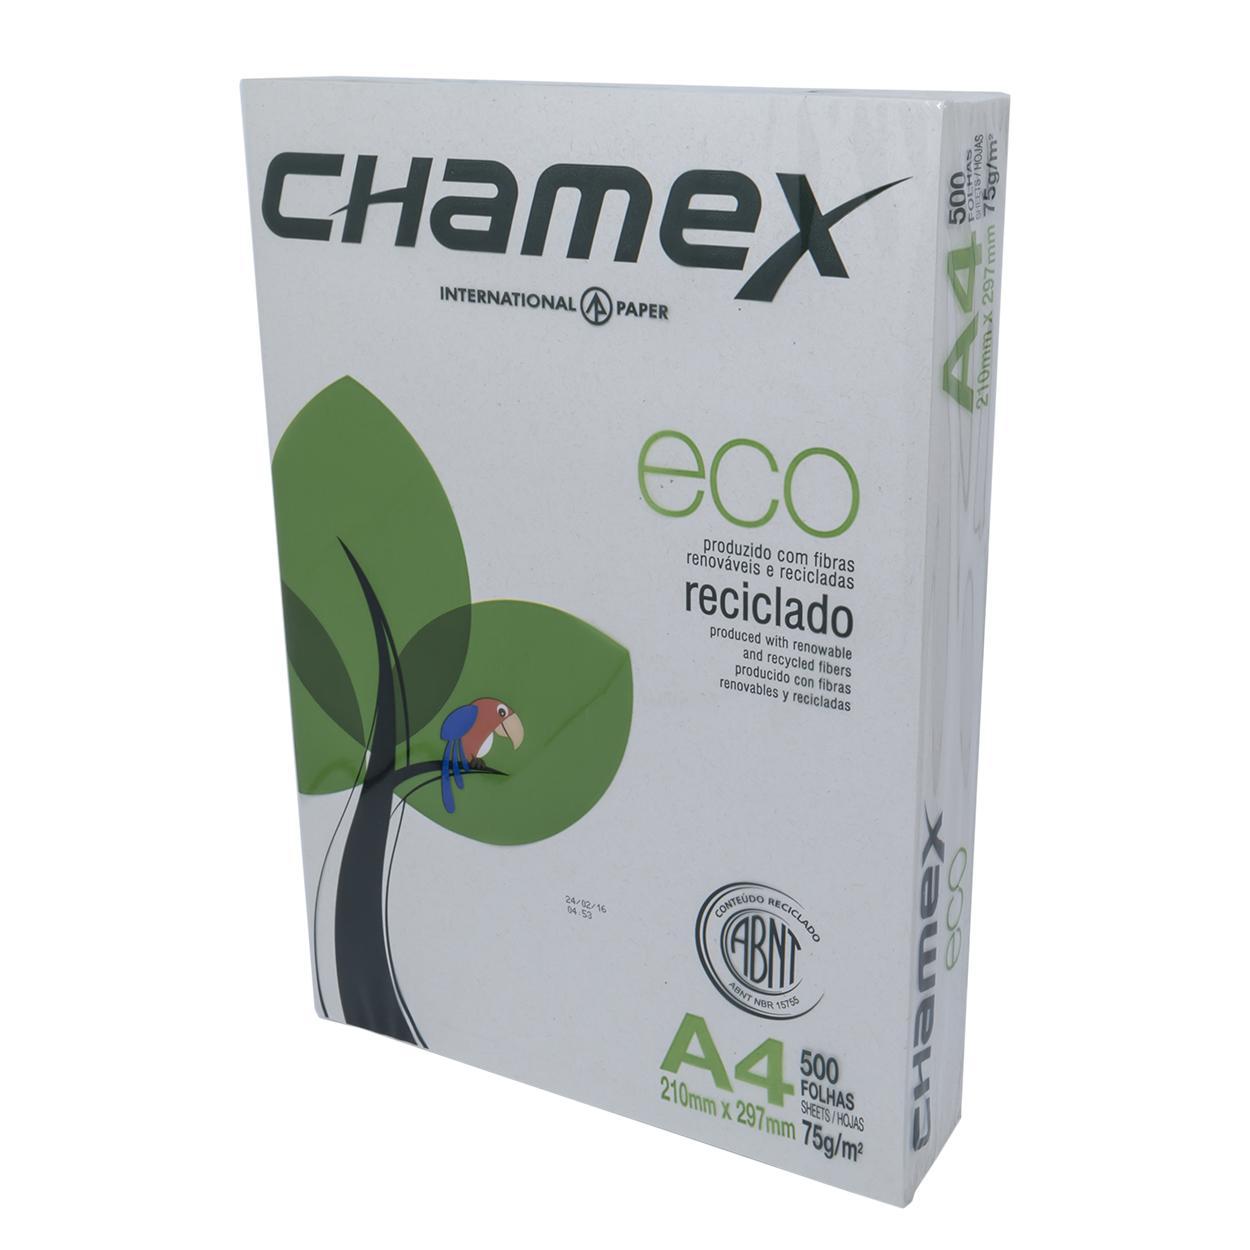 Papel Sulfite A4 Reciclado | Chamex 75g - Resma 500 Folhas